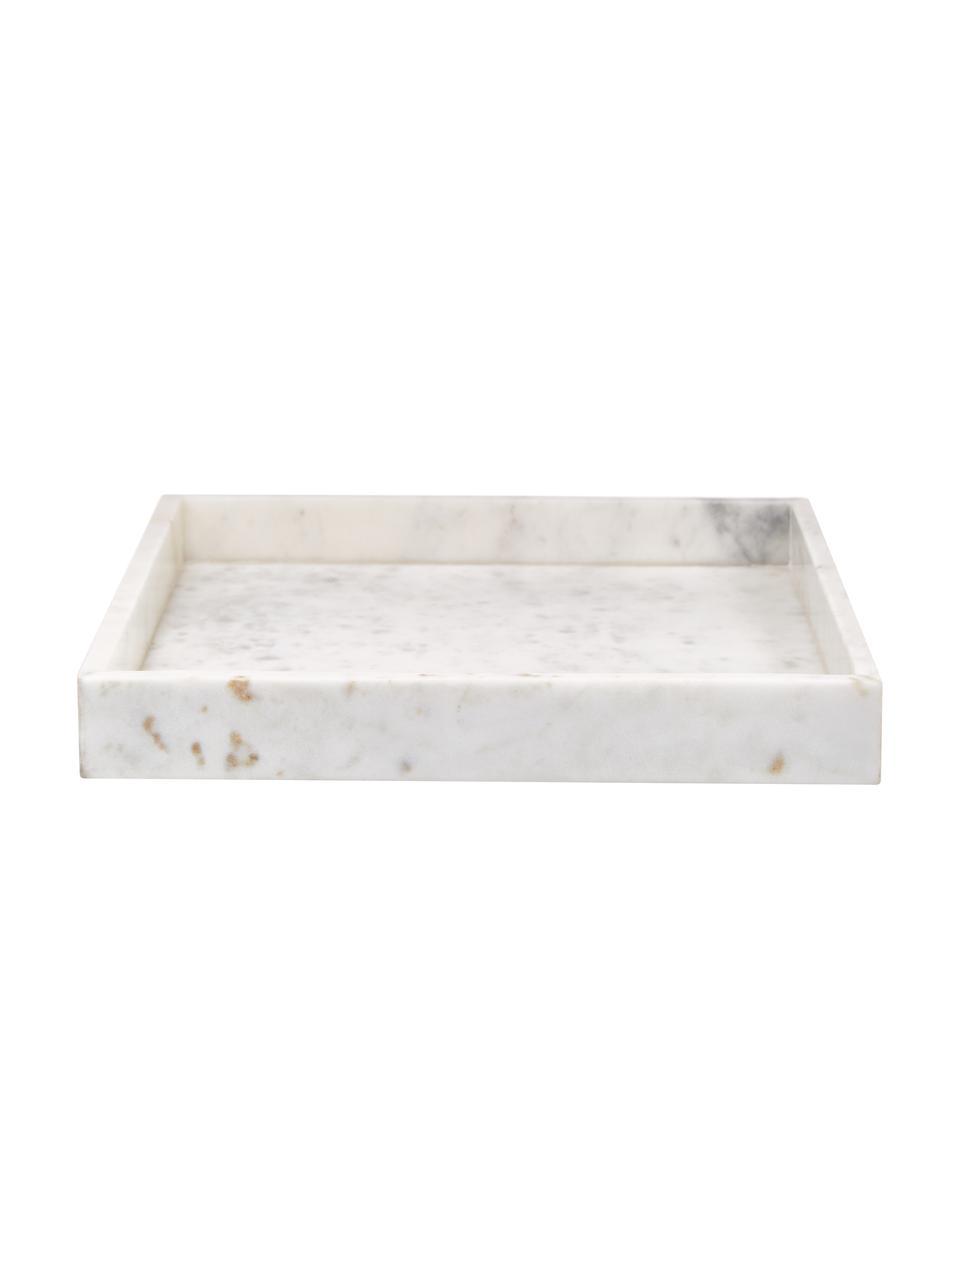 Vassoio decorativo in marmo bianco Sienna, Marmo, Bianco, Larg. 30 x Alt. 4 cm